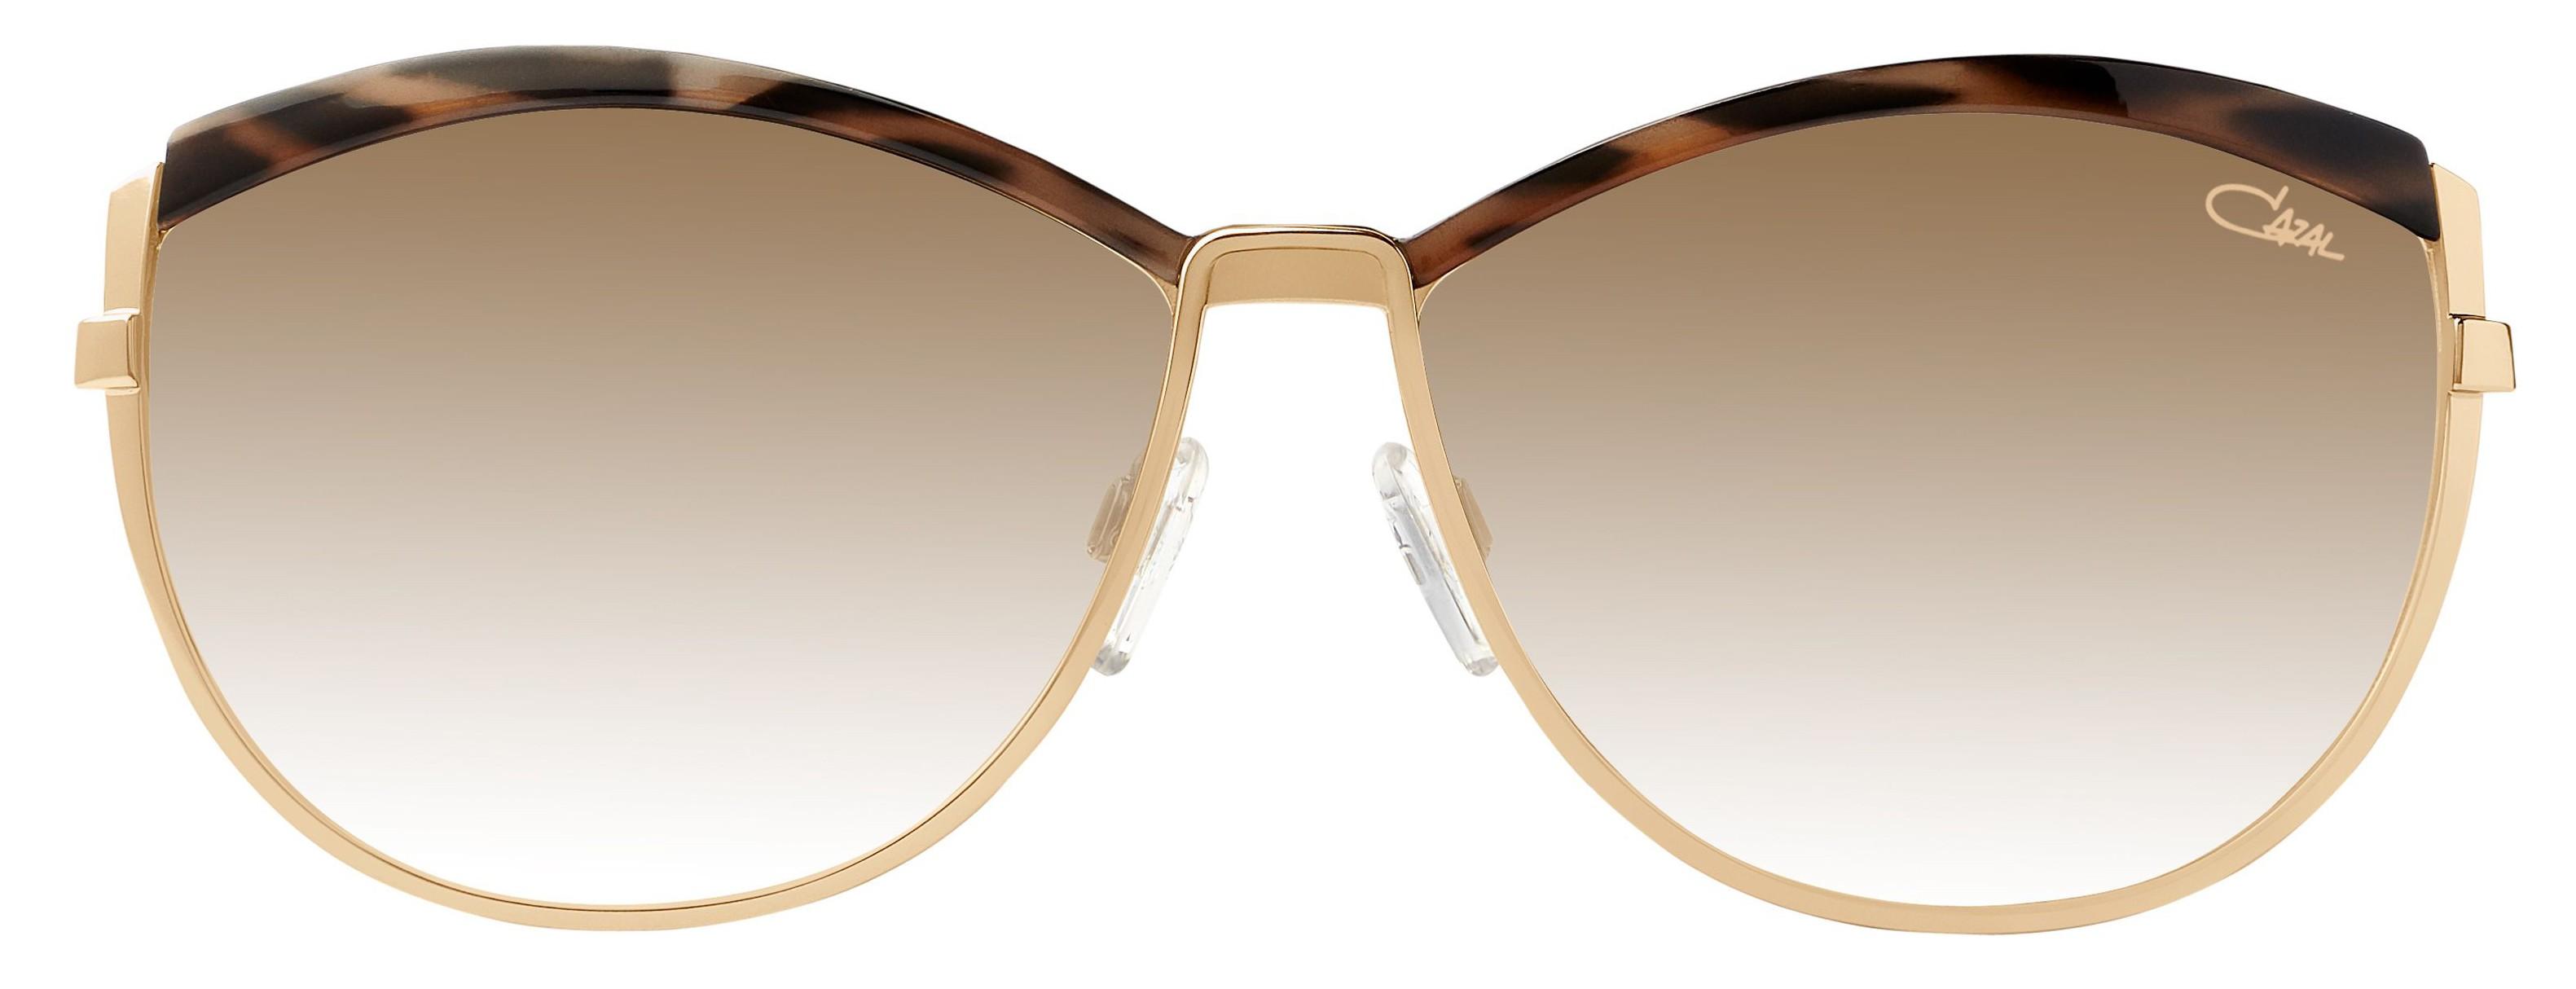 5b1e8a7949c5 Cazal - Vintage 9079 - Legendary - Havana Gold - Sunglasses - Cazal Eyewear